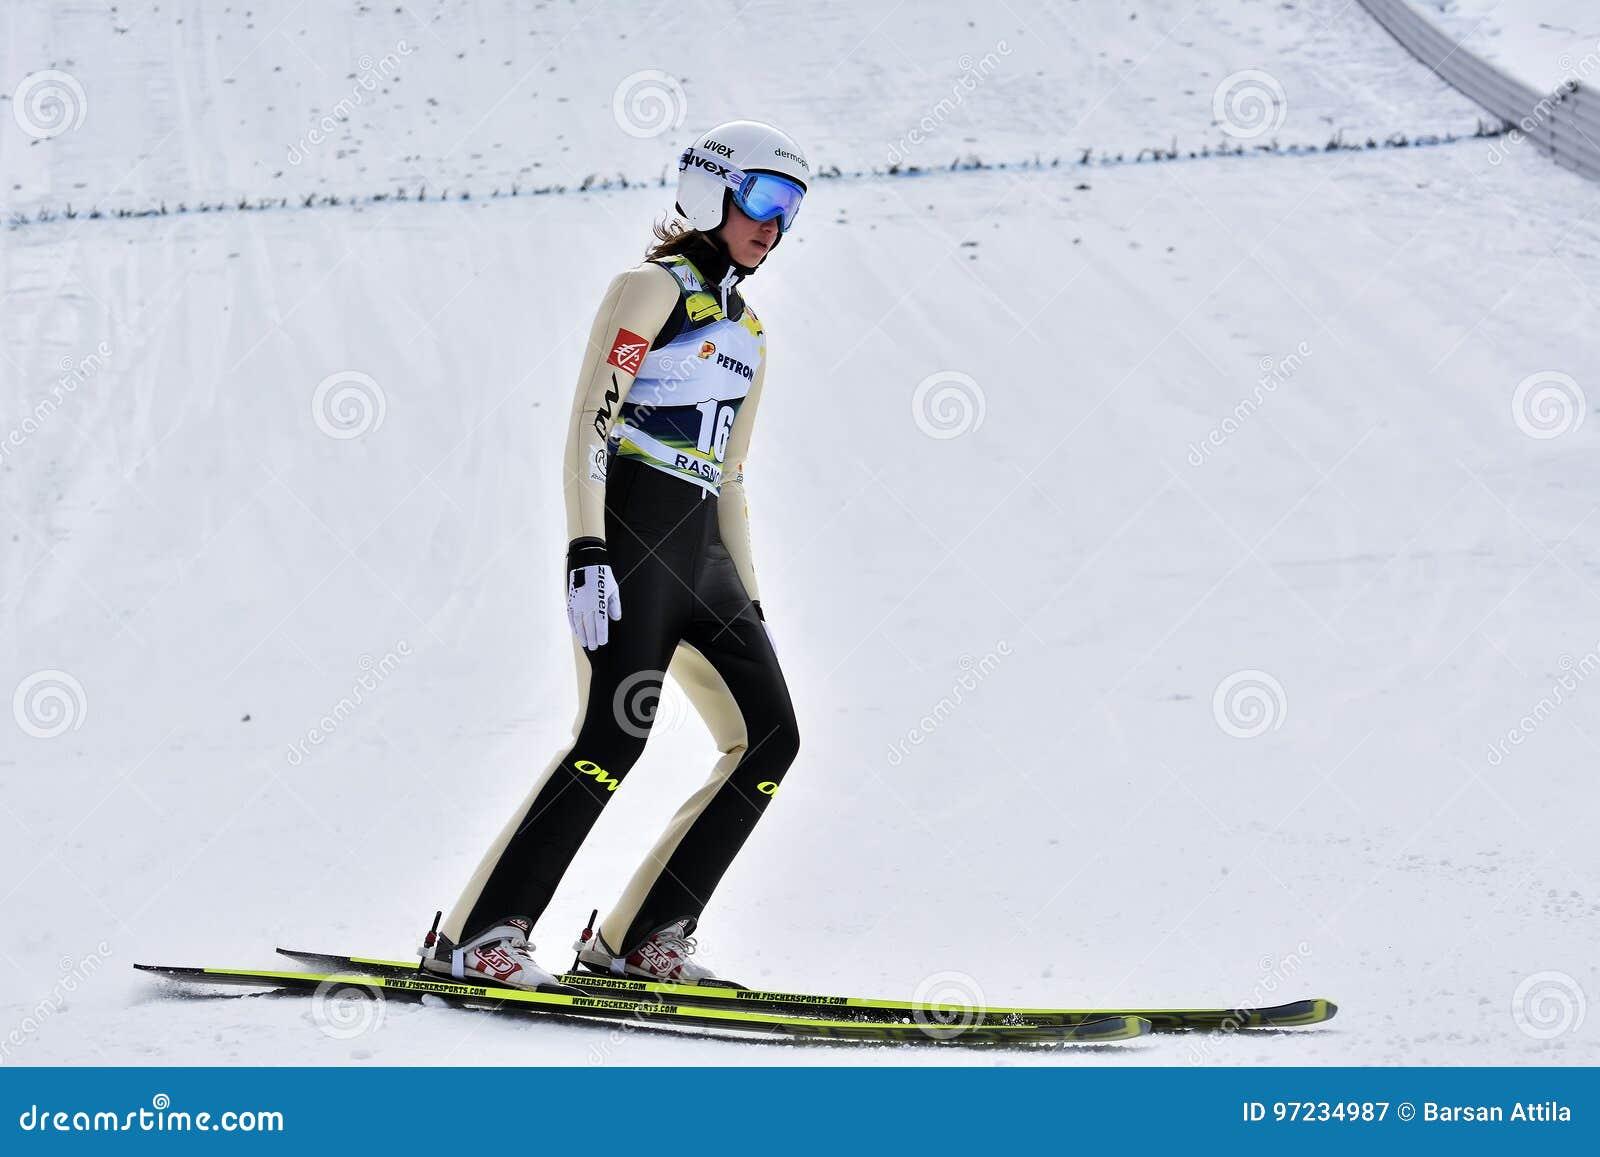 Rasnov, Roumanie - 7 février : Le pullover de ski inconnu concurrence dans le FIS Ski Jumping World Cup Ladies le 7 février 2015